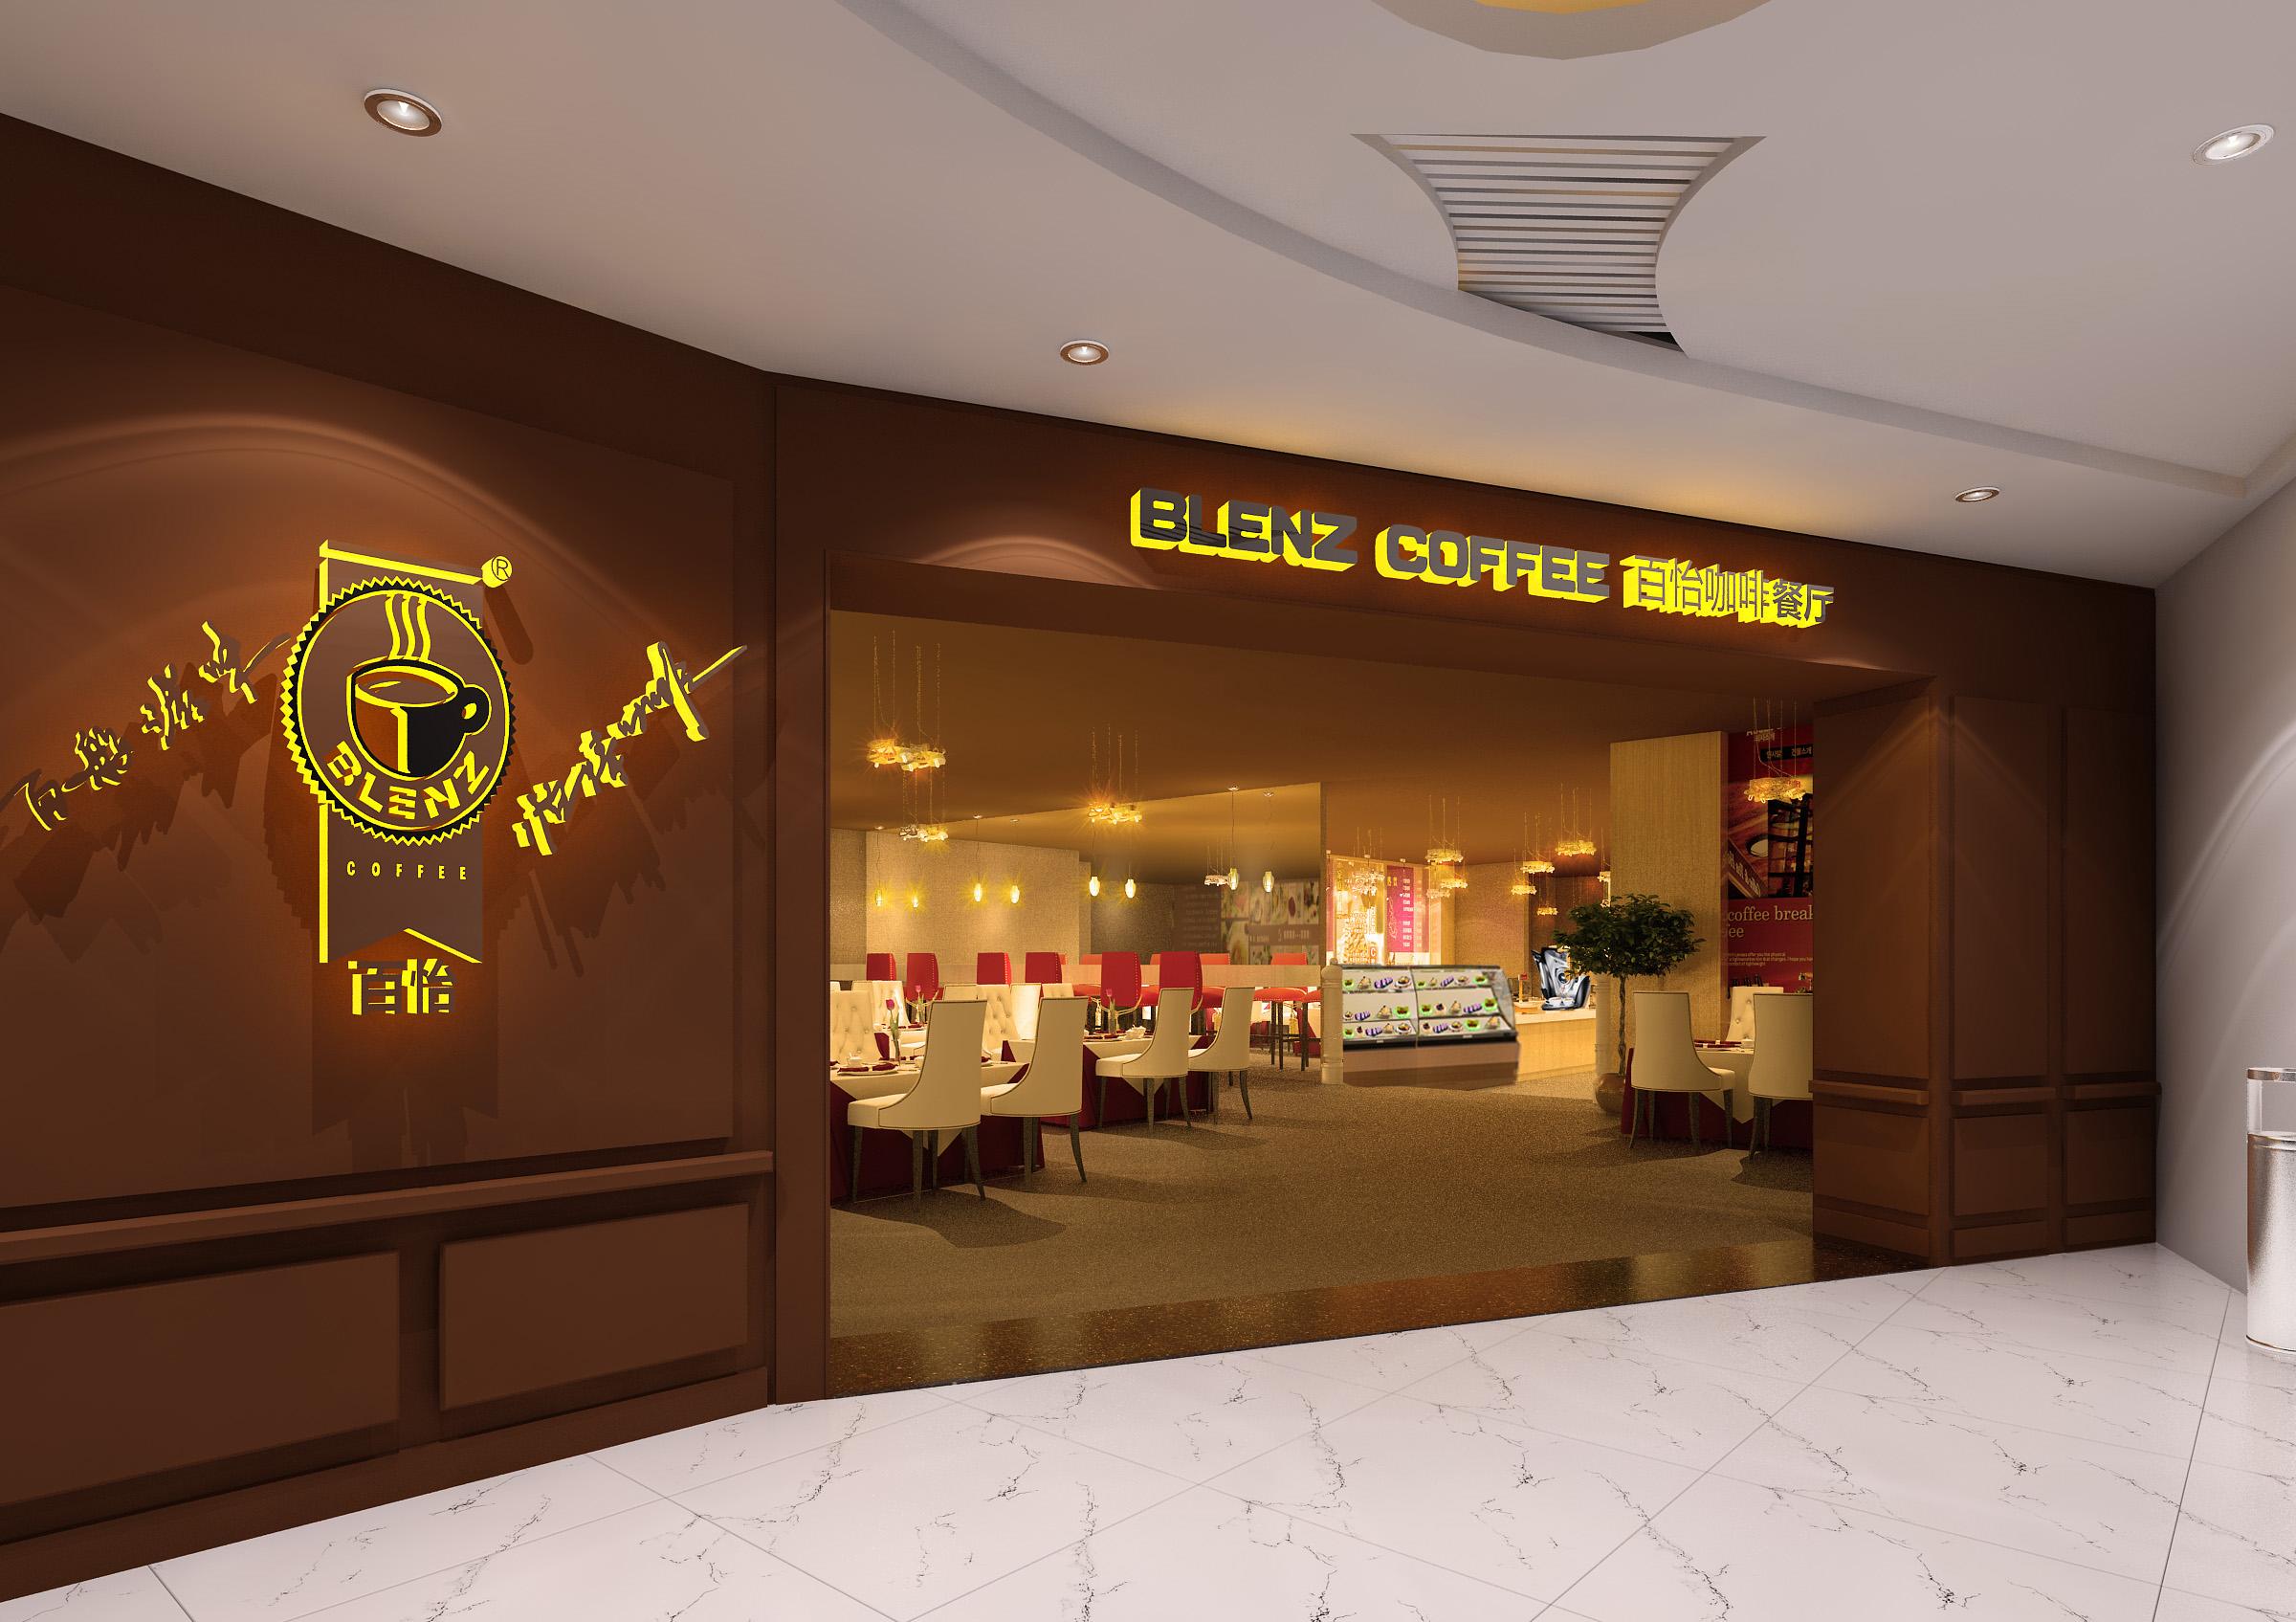 广百百货百怡咖啡厅一楼招牌设计效果图